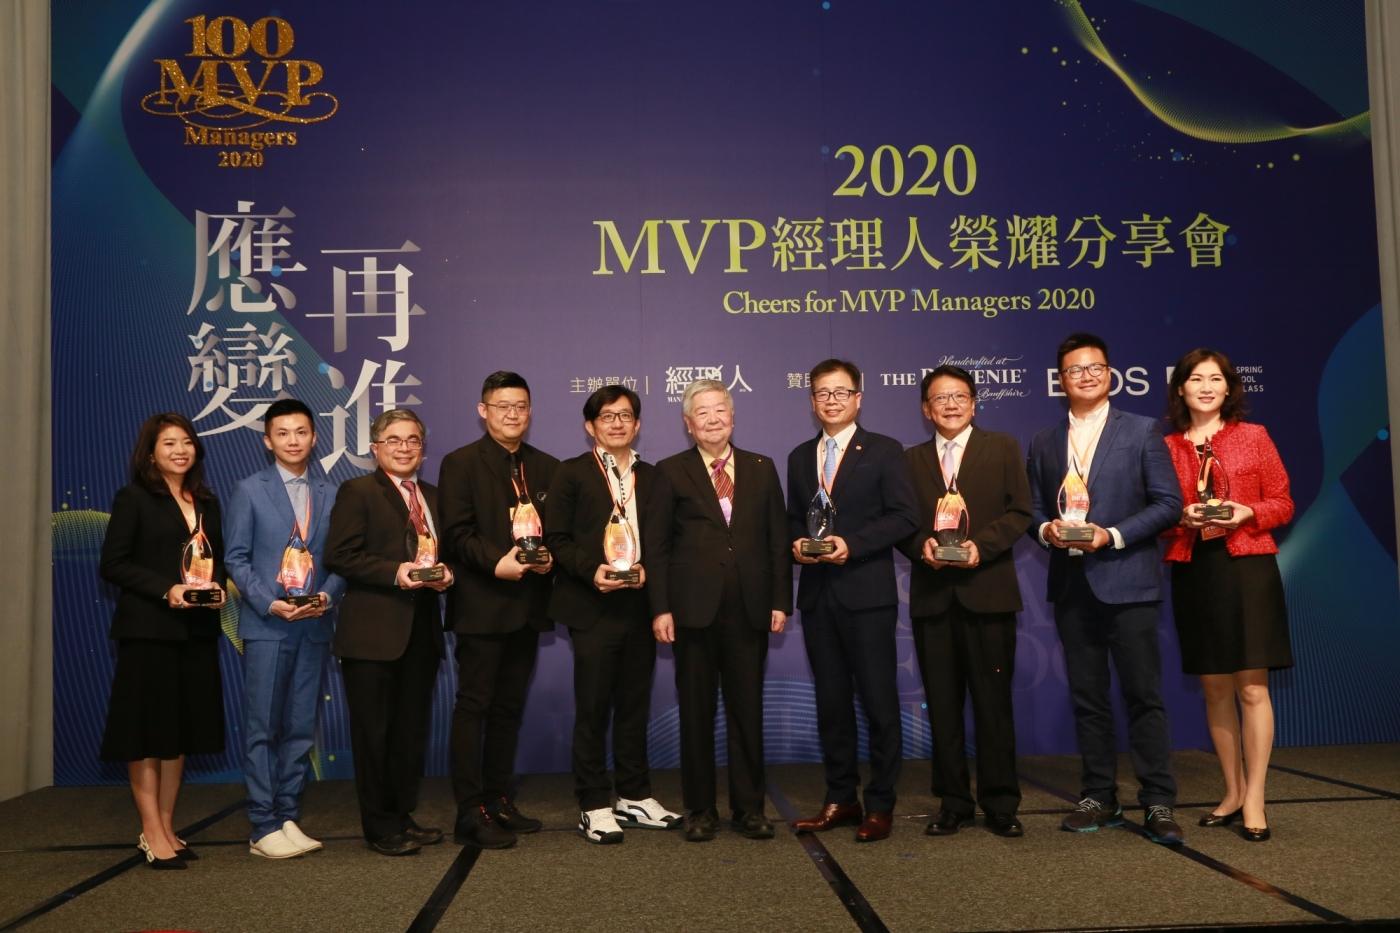 2020年100 MVP經理人出爐!唐鳳、潘孟安、戴雲錦皆入榜,各有哪些特別之處?